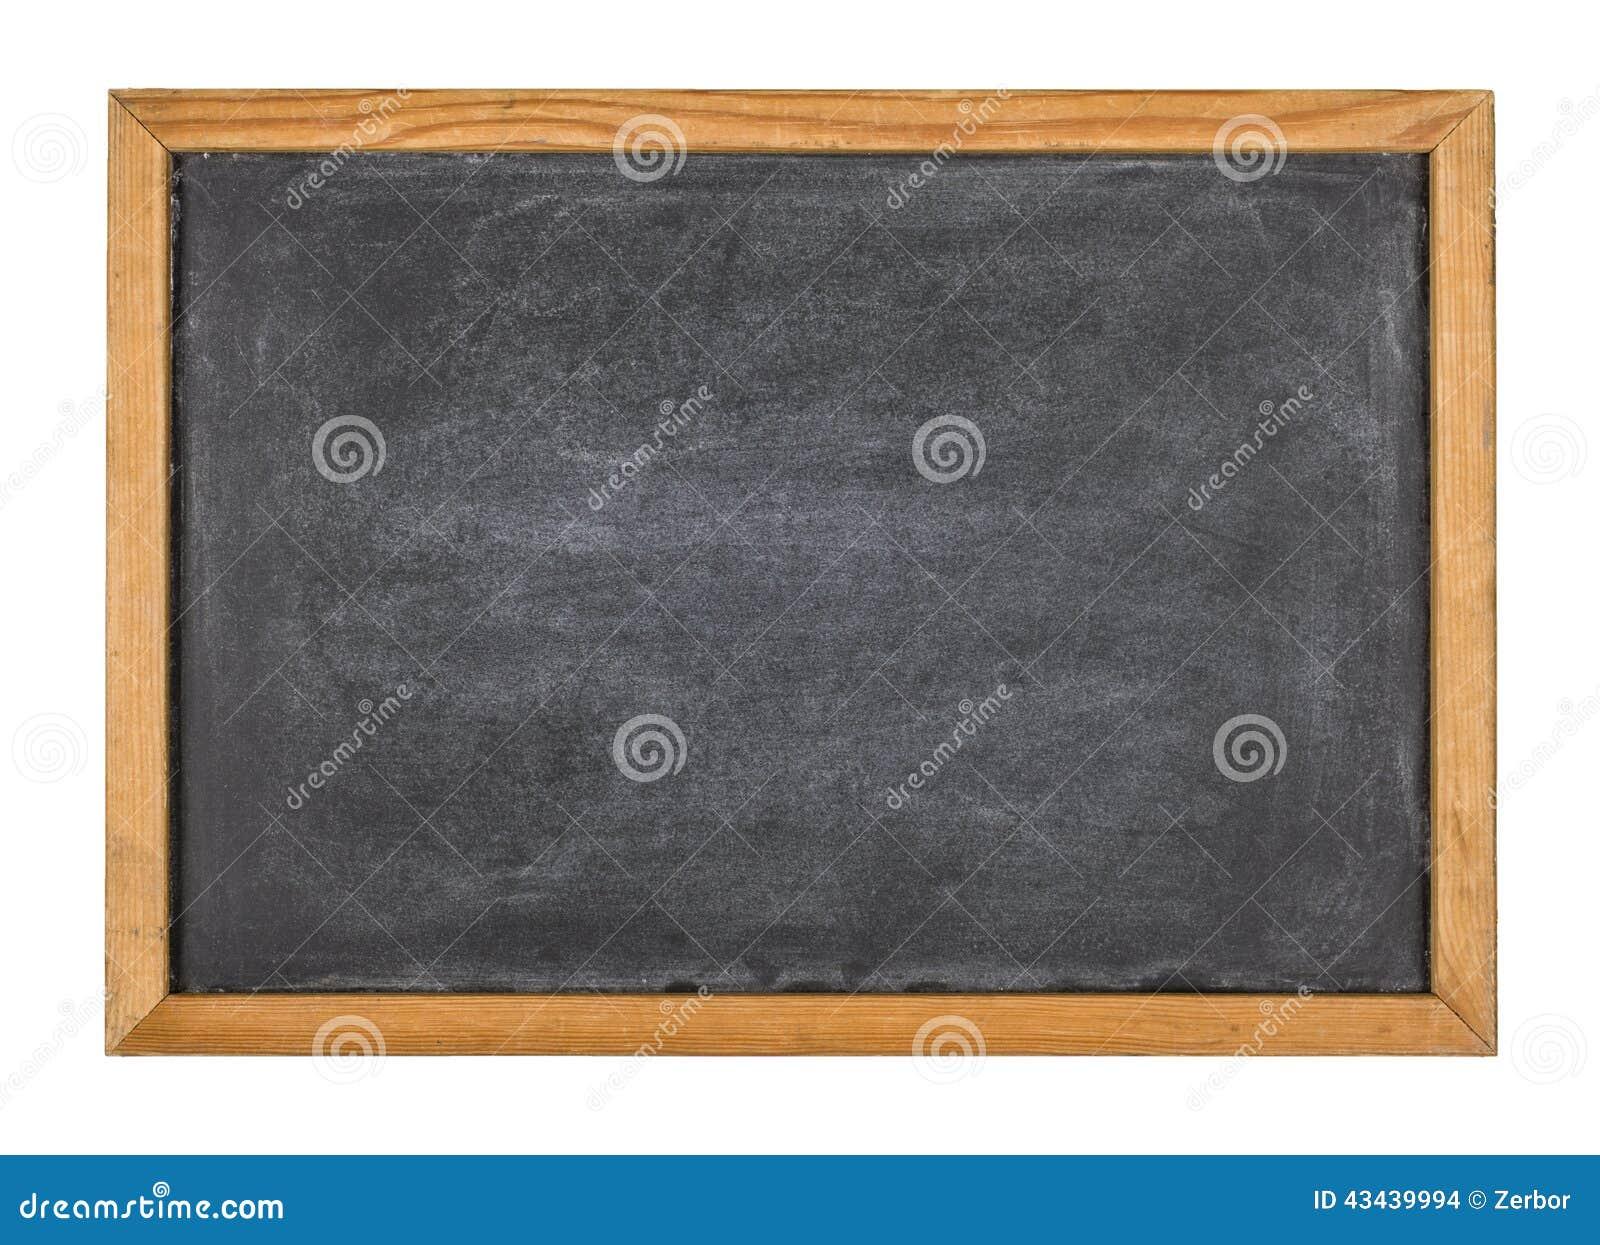 tafel mit einem holzrahmen stockfoto bild von tafel 43439994. Black Bedroom Furniture Sets. Home Design Ideas